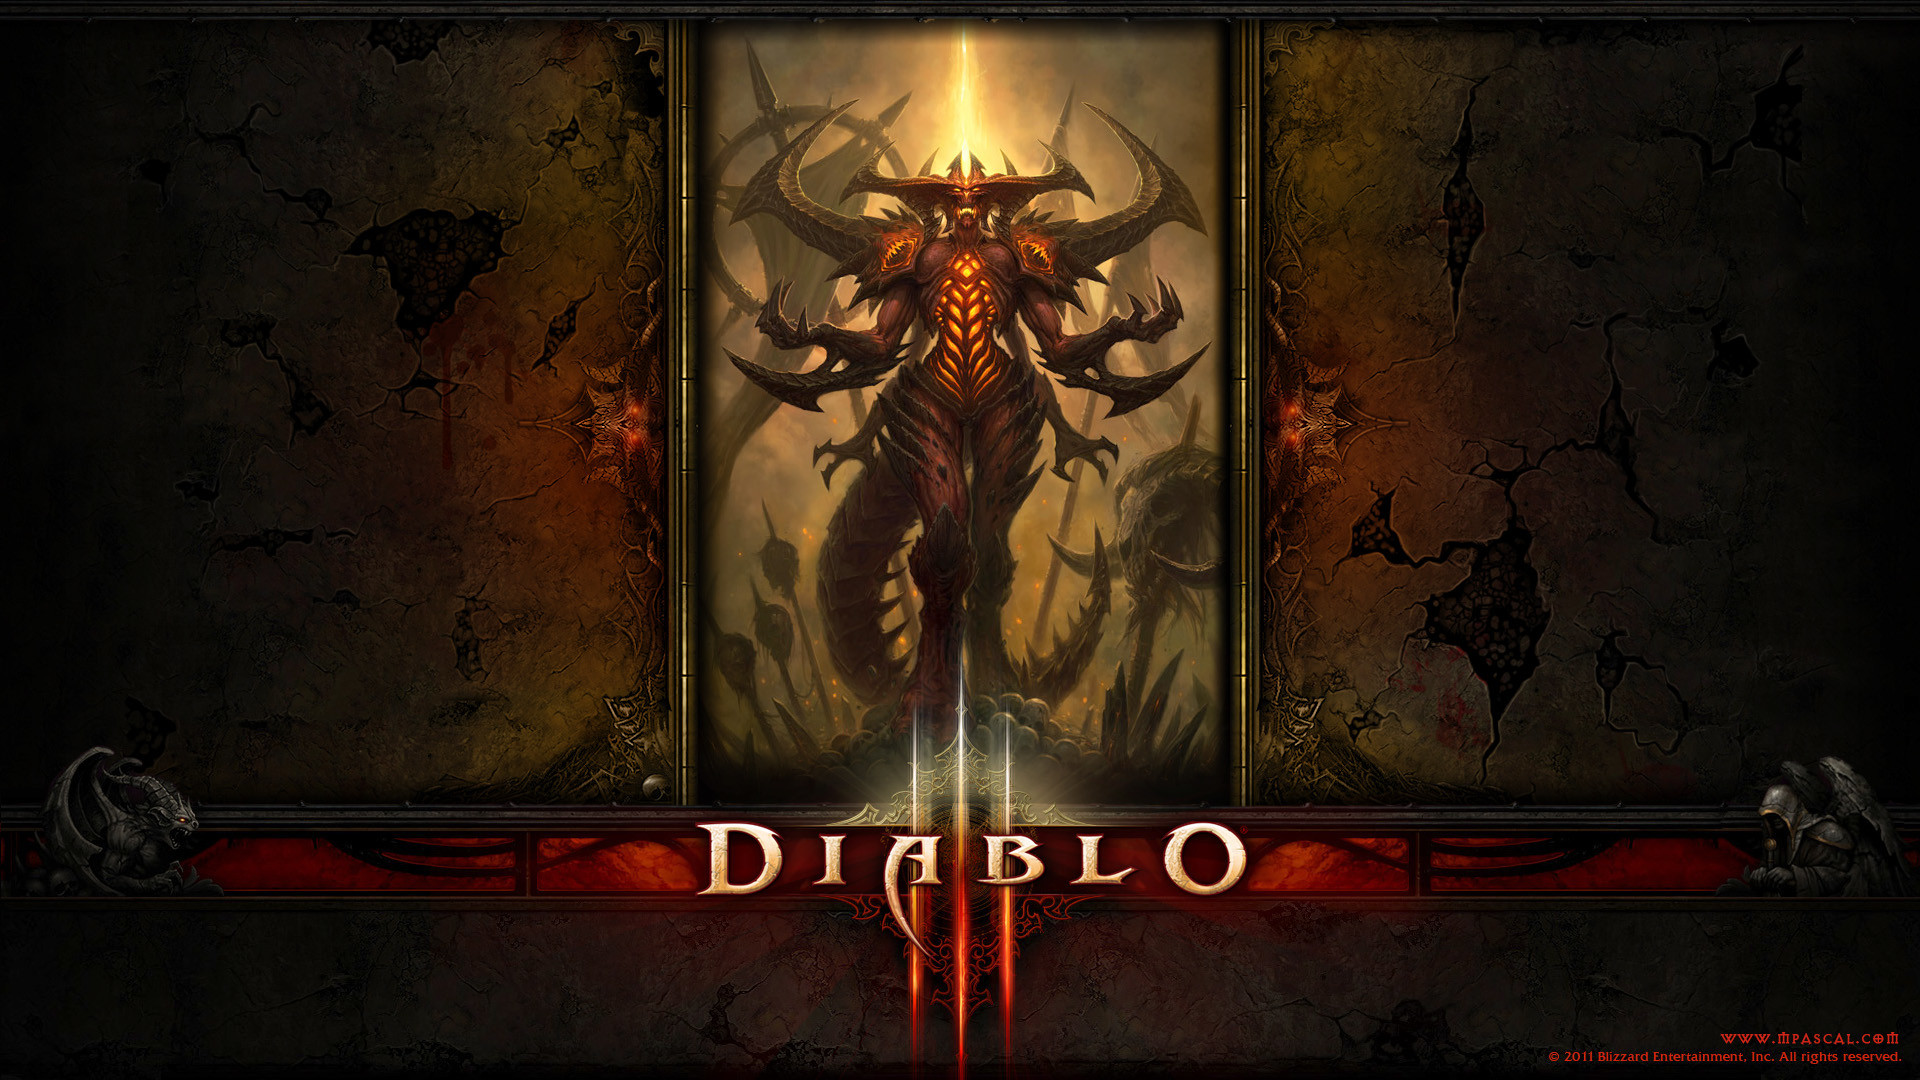 Wallpaper – Diablo 3 New Diablo Wallpaper by Panperkin